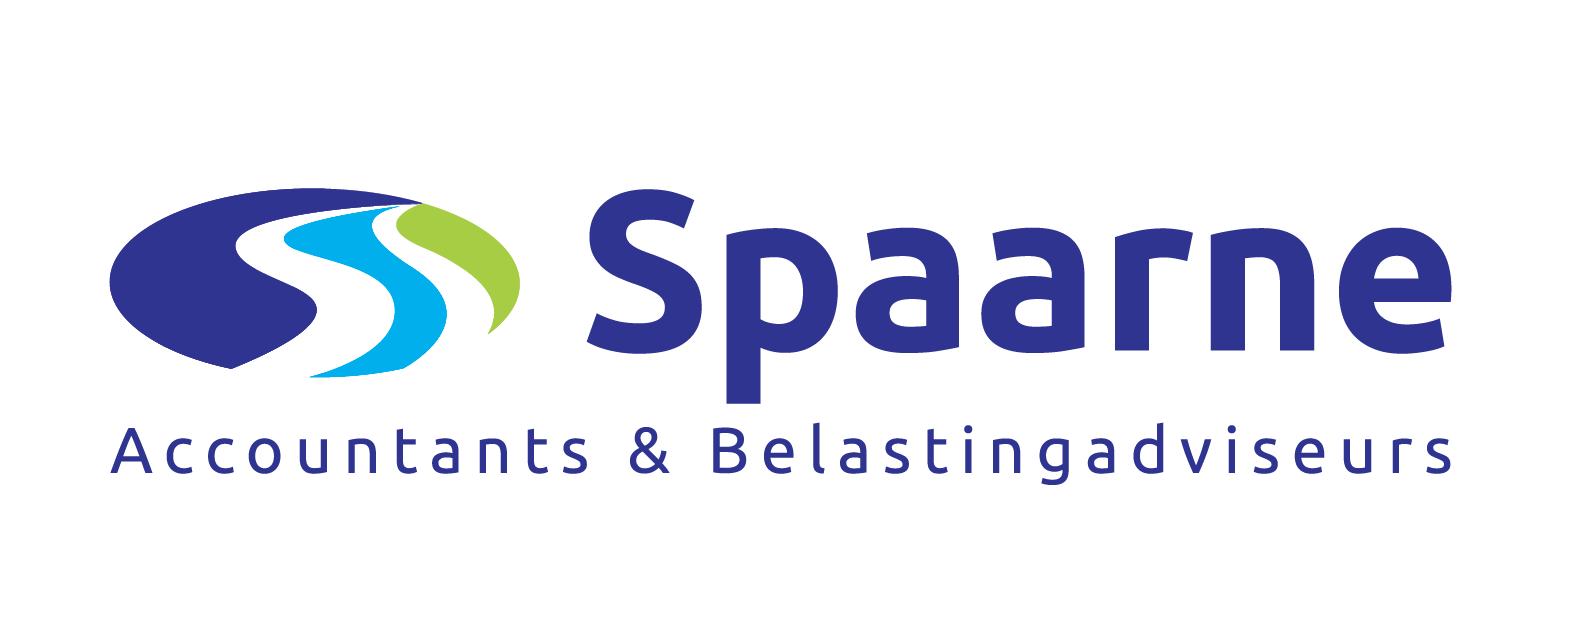 Spaarne Accountants & Belastingadviseurs